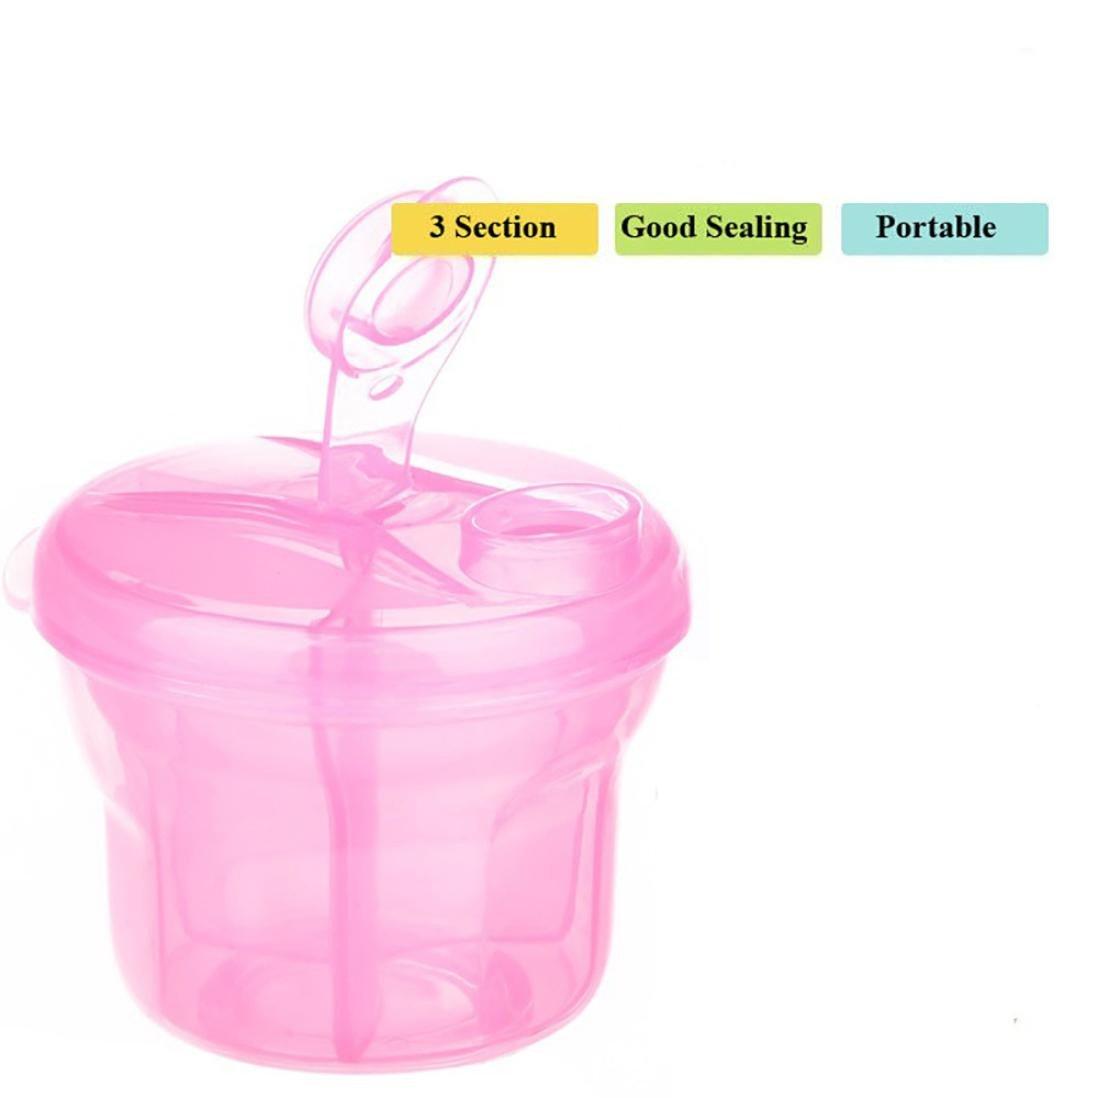 Rose Doseur Poudre Lait de 3 compartiments Dosette Lait Bebe